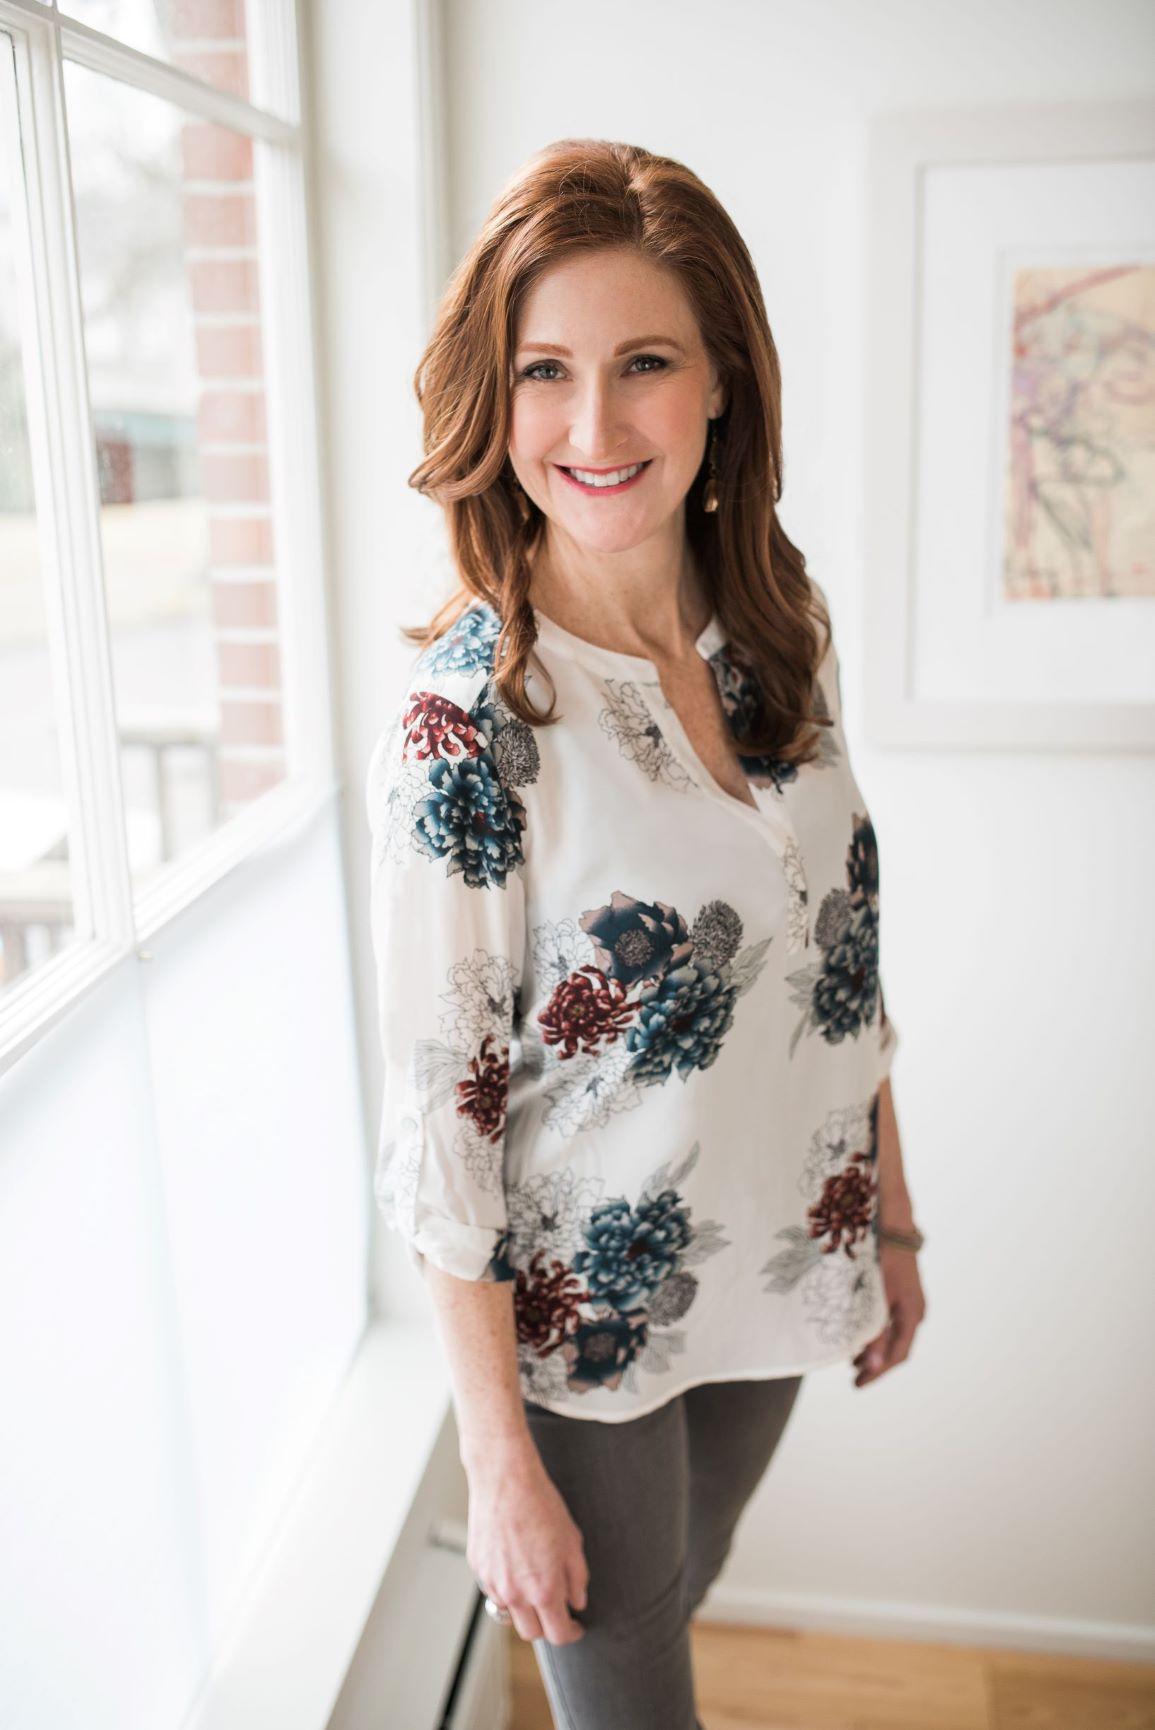 EXCLUSIVE INTERVIEW: Ms. Jamie Spannhake, Partner at Berlandi Nussbaum & Reitzas LLP